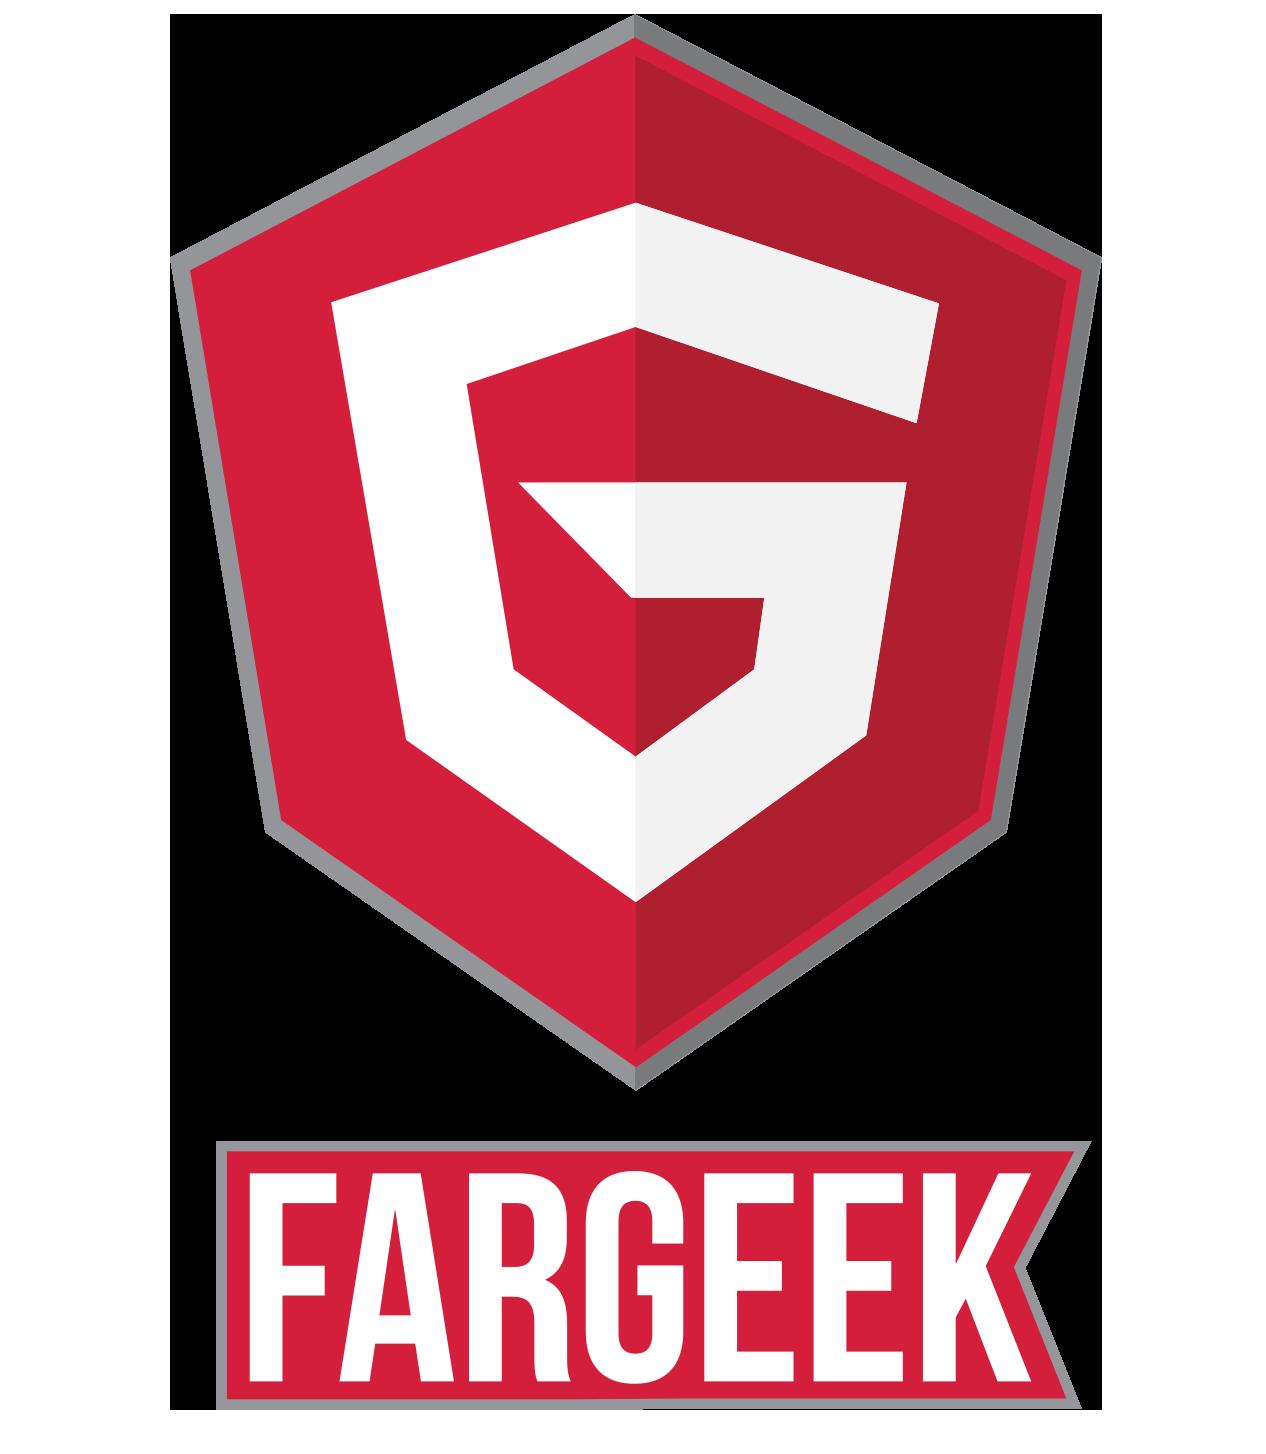 FarGeek